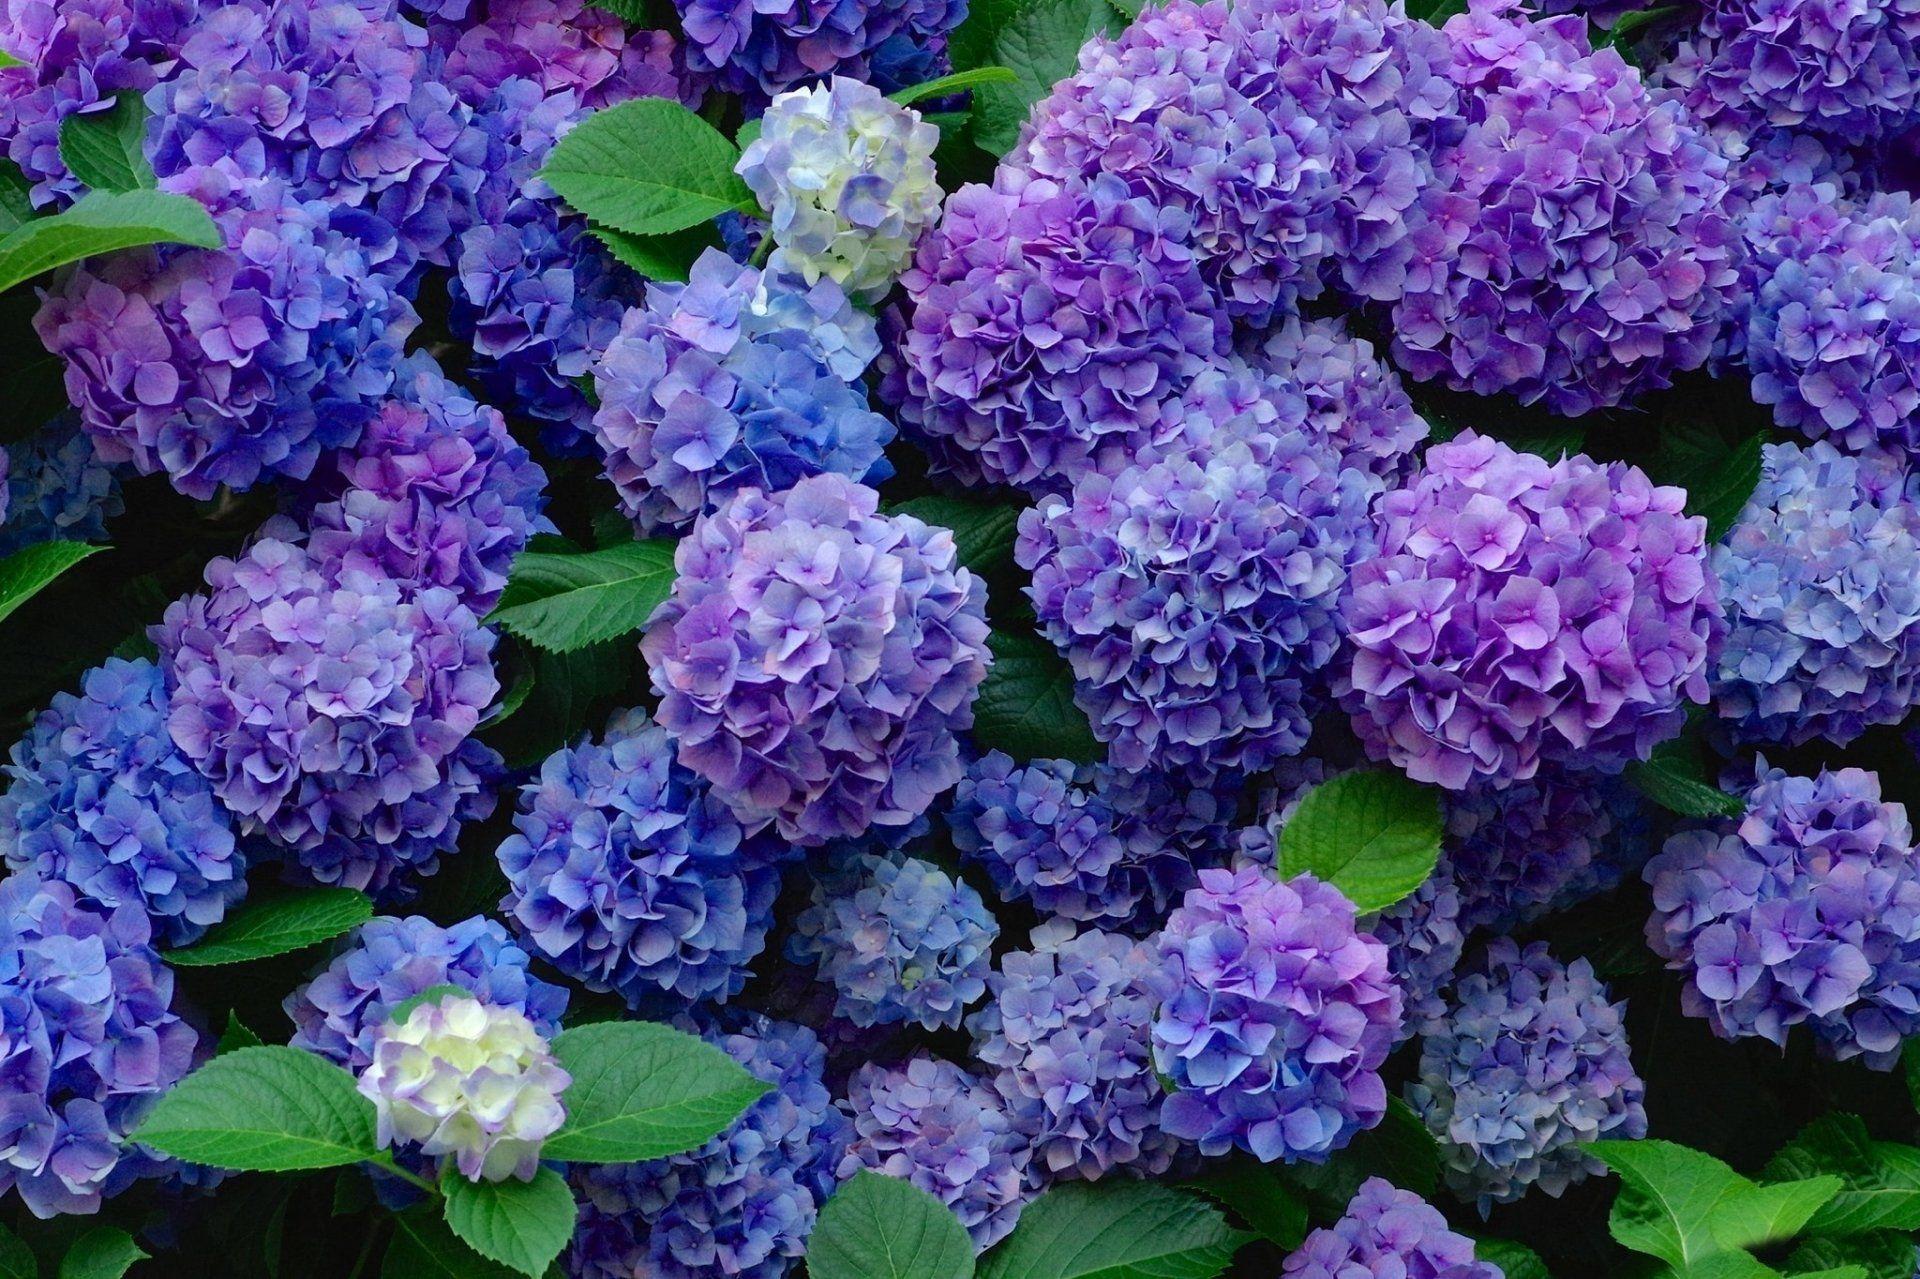 Blue And Purple Hydrangeas Earth Hydrangea Flowers Flower Blue Flower Purple Flower Wallpaper In 2020 Colorful Garden Hydrangea Purple Purple Flowers Wallpaper